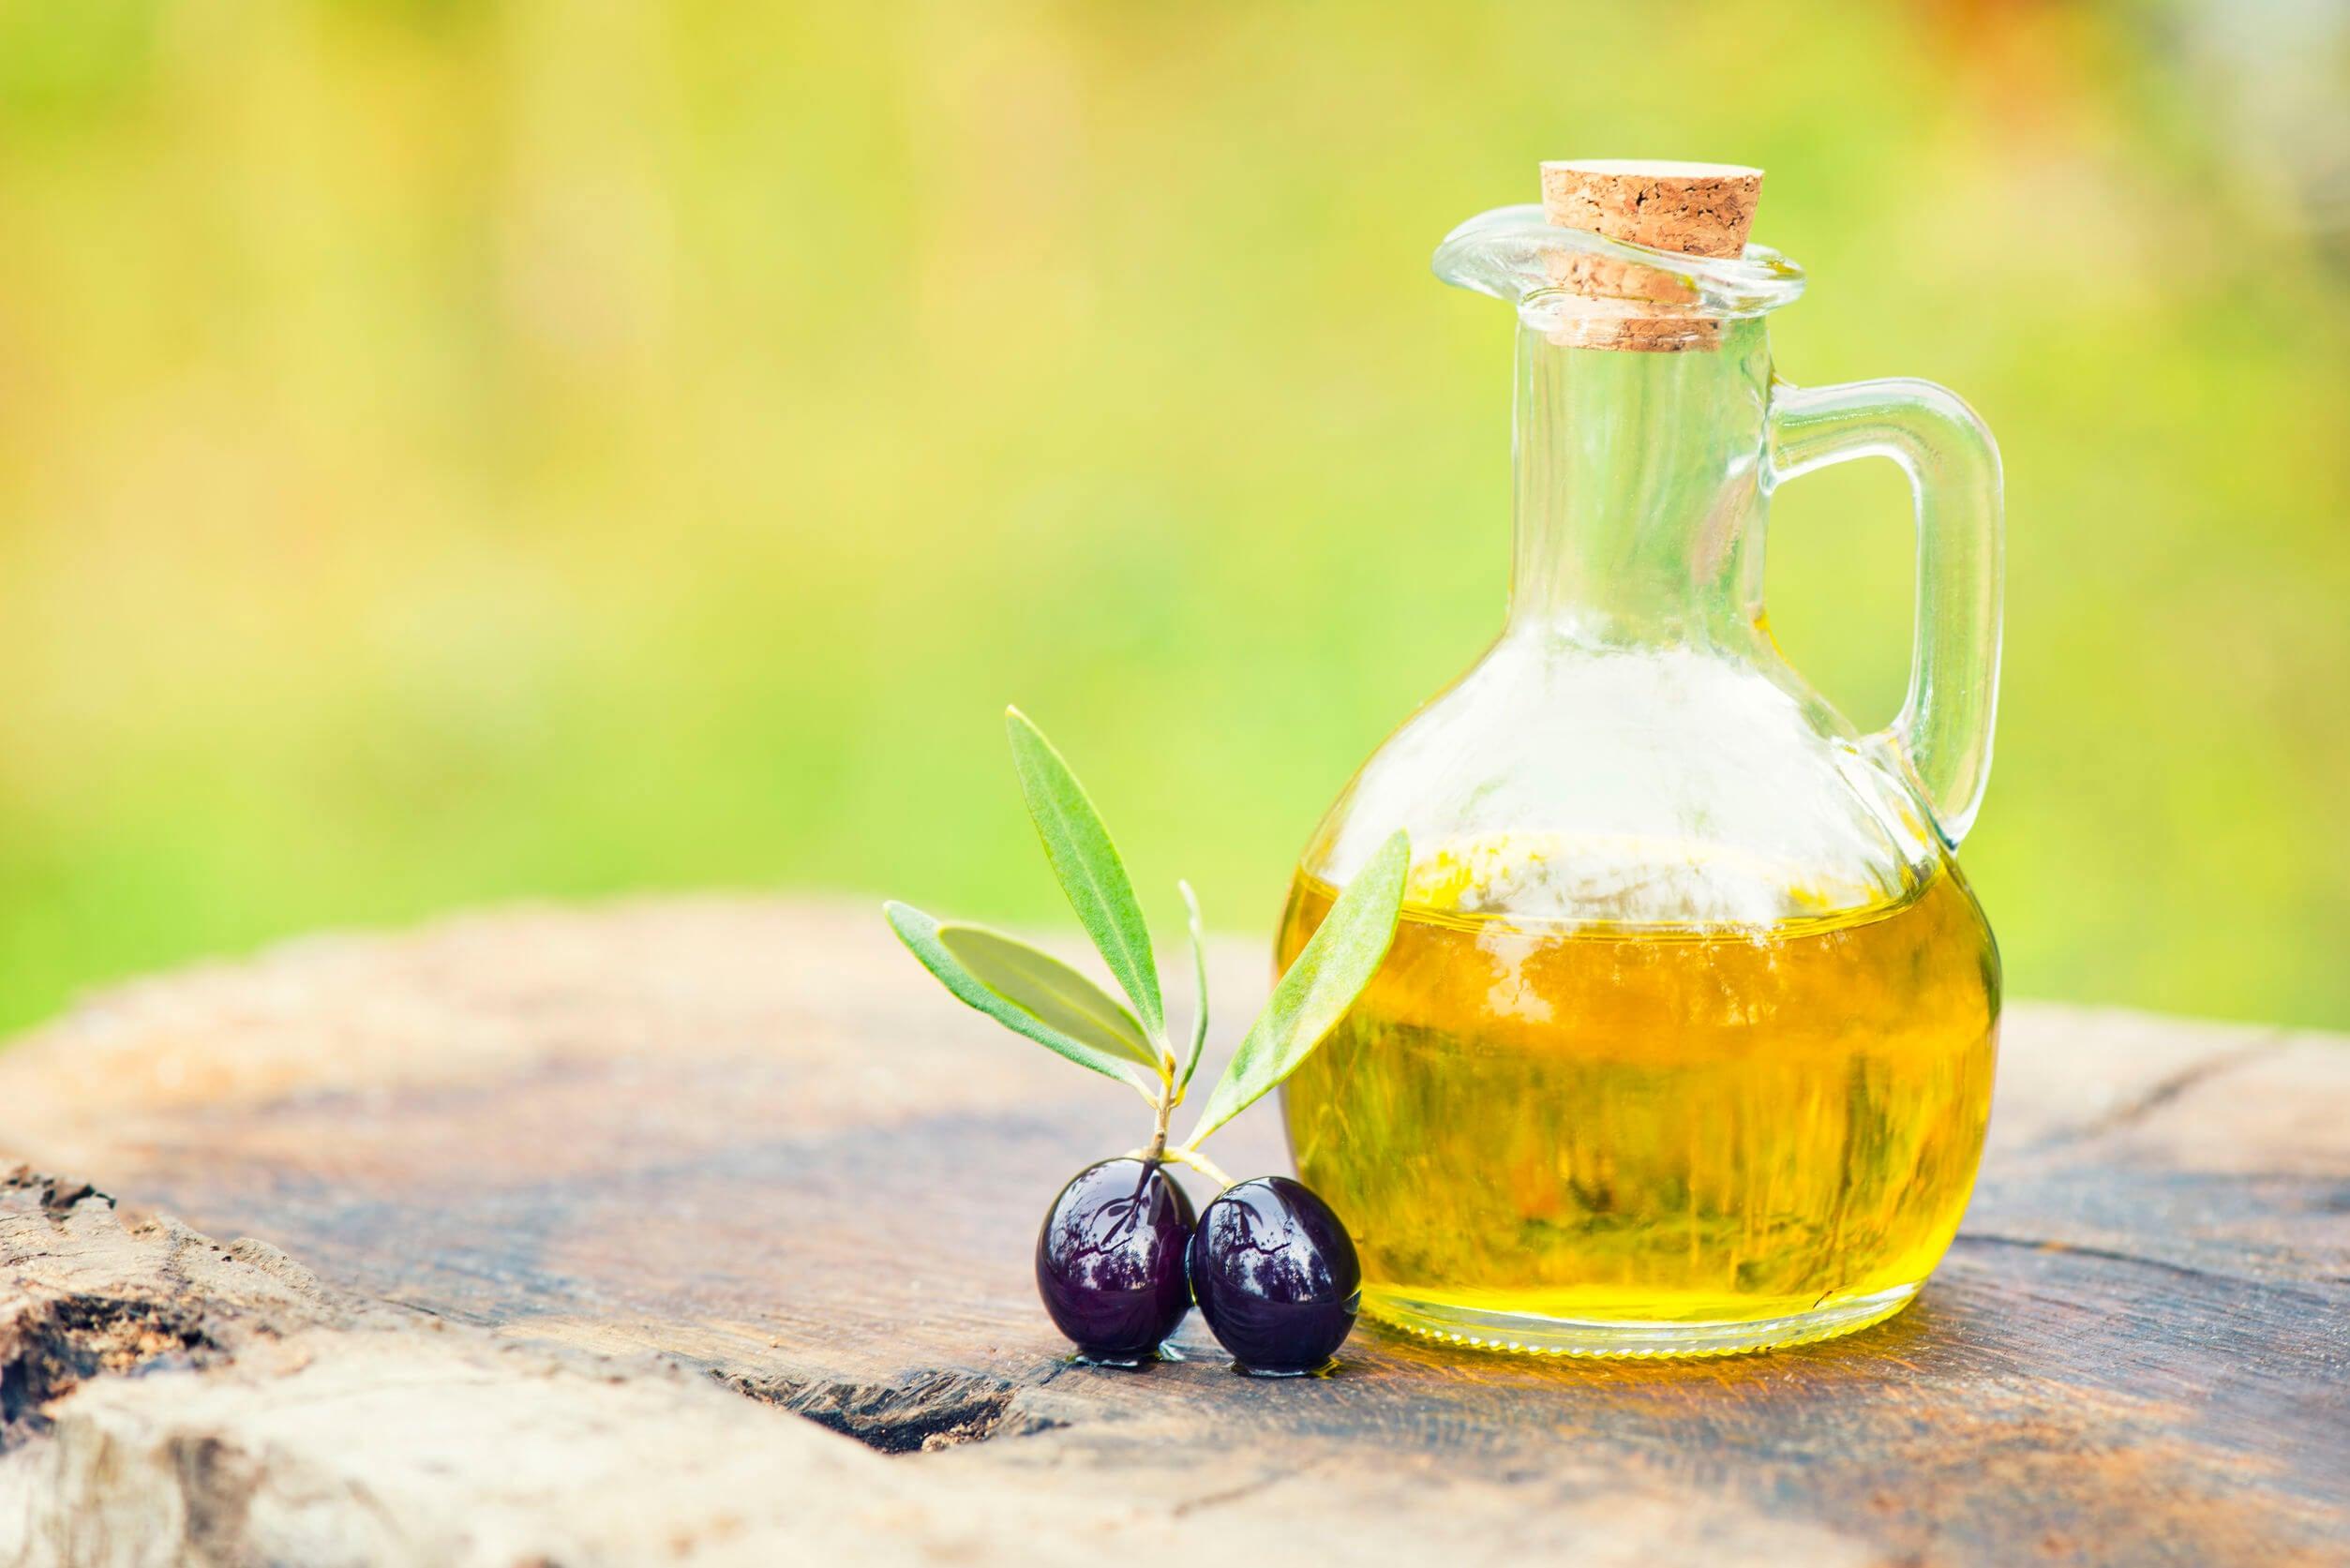 L'olio d'oliva ha un ruolo importante in gravidanza